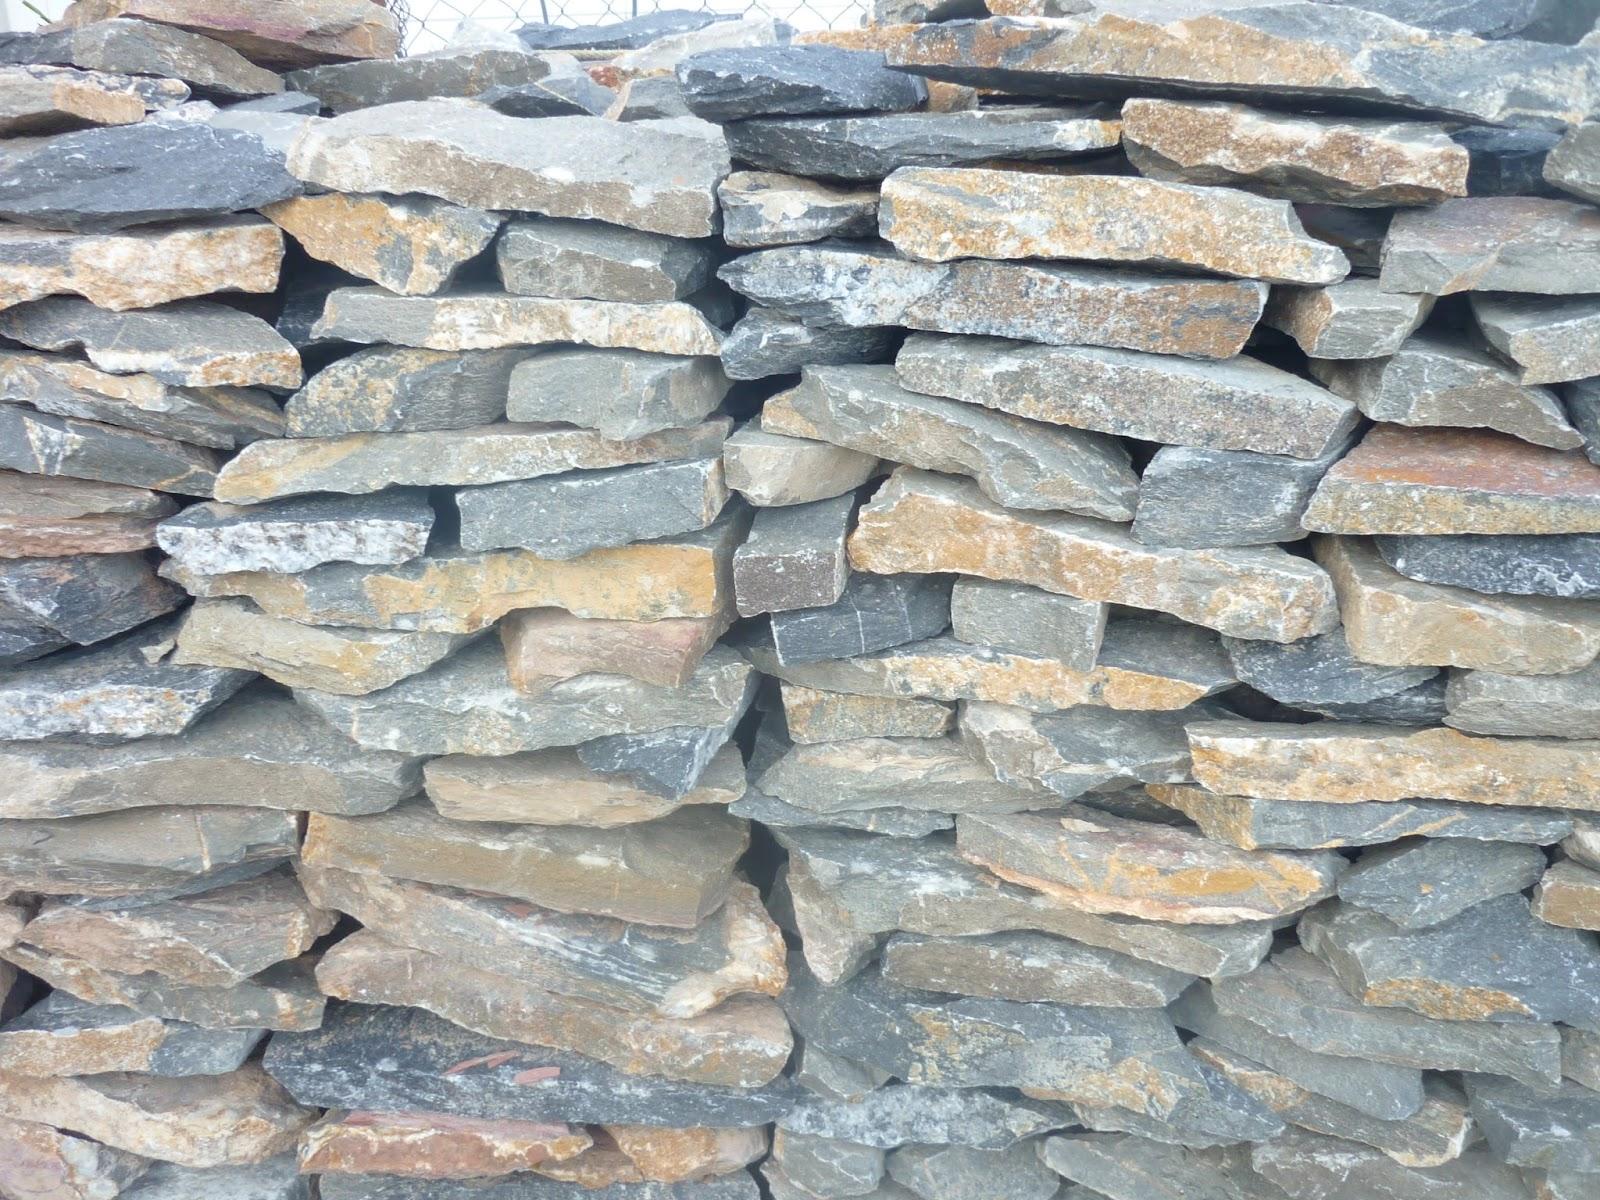 Espacio creativo soluciones venta de revestimientos para decorar sus hogares oficinas - Pared de piedra natural ...